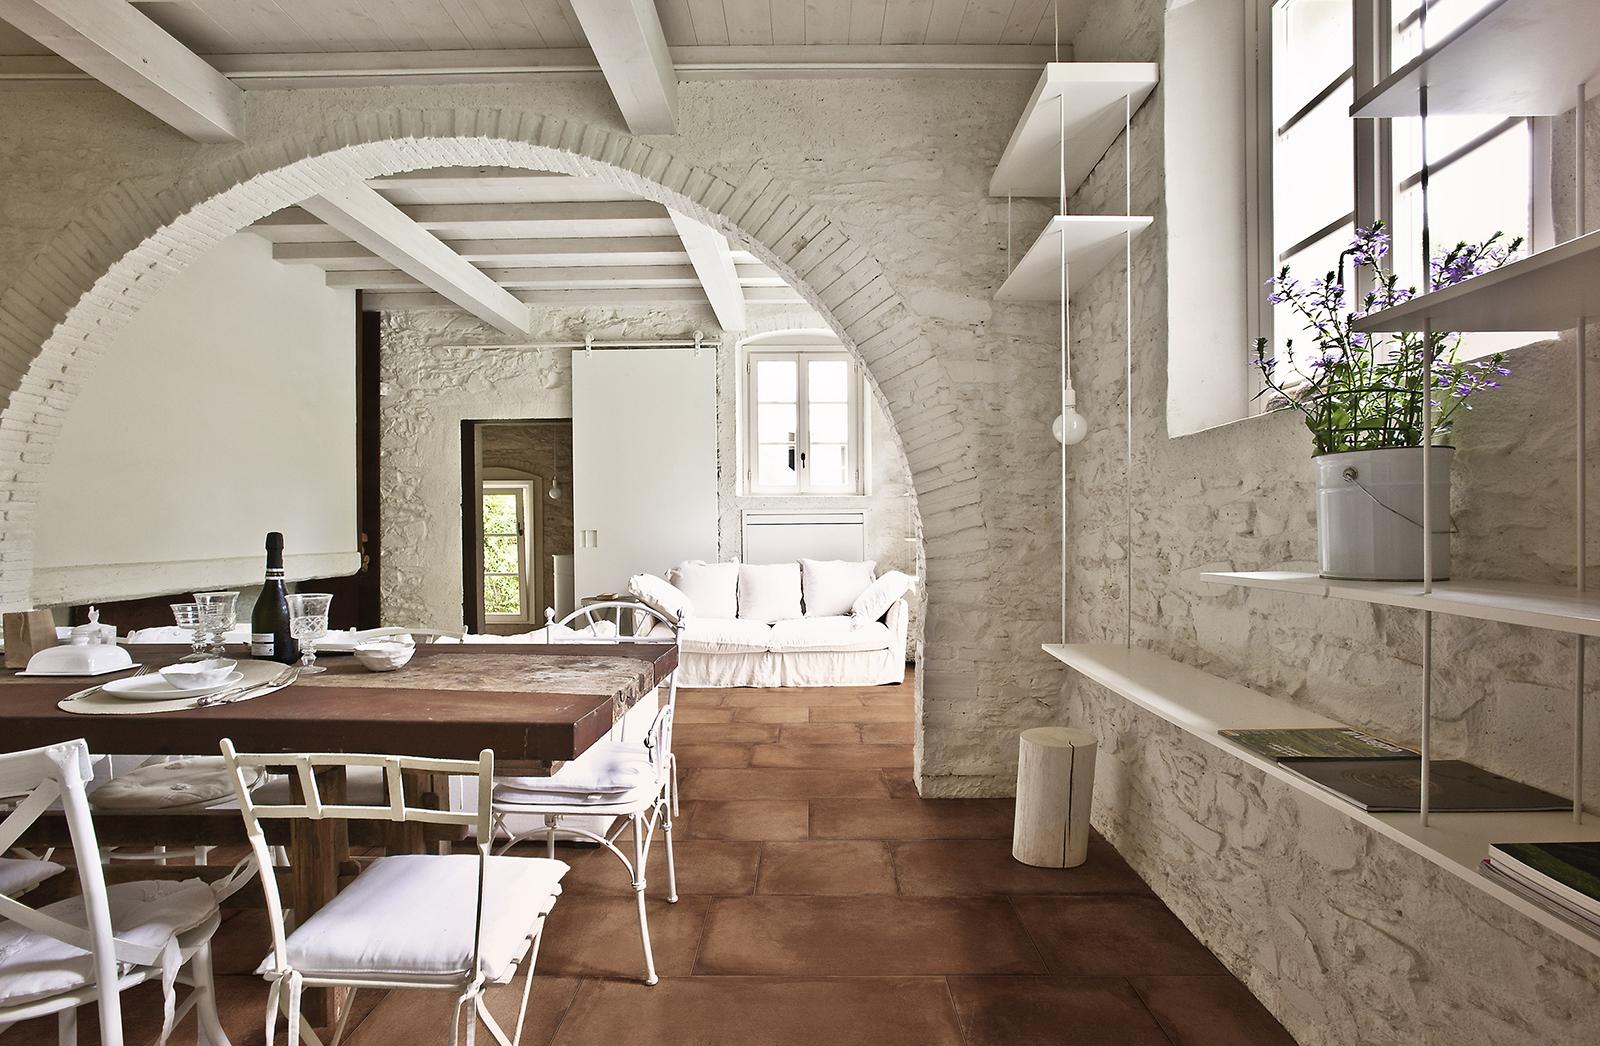 Cotto toscana cotto look stoneware marazzi for Carrelage marazzi